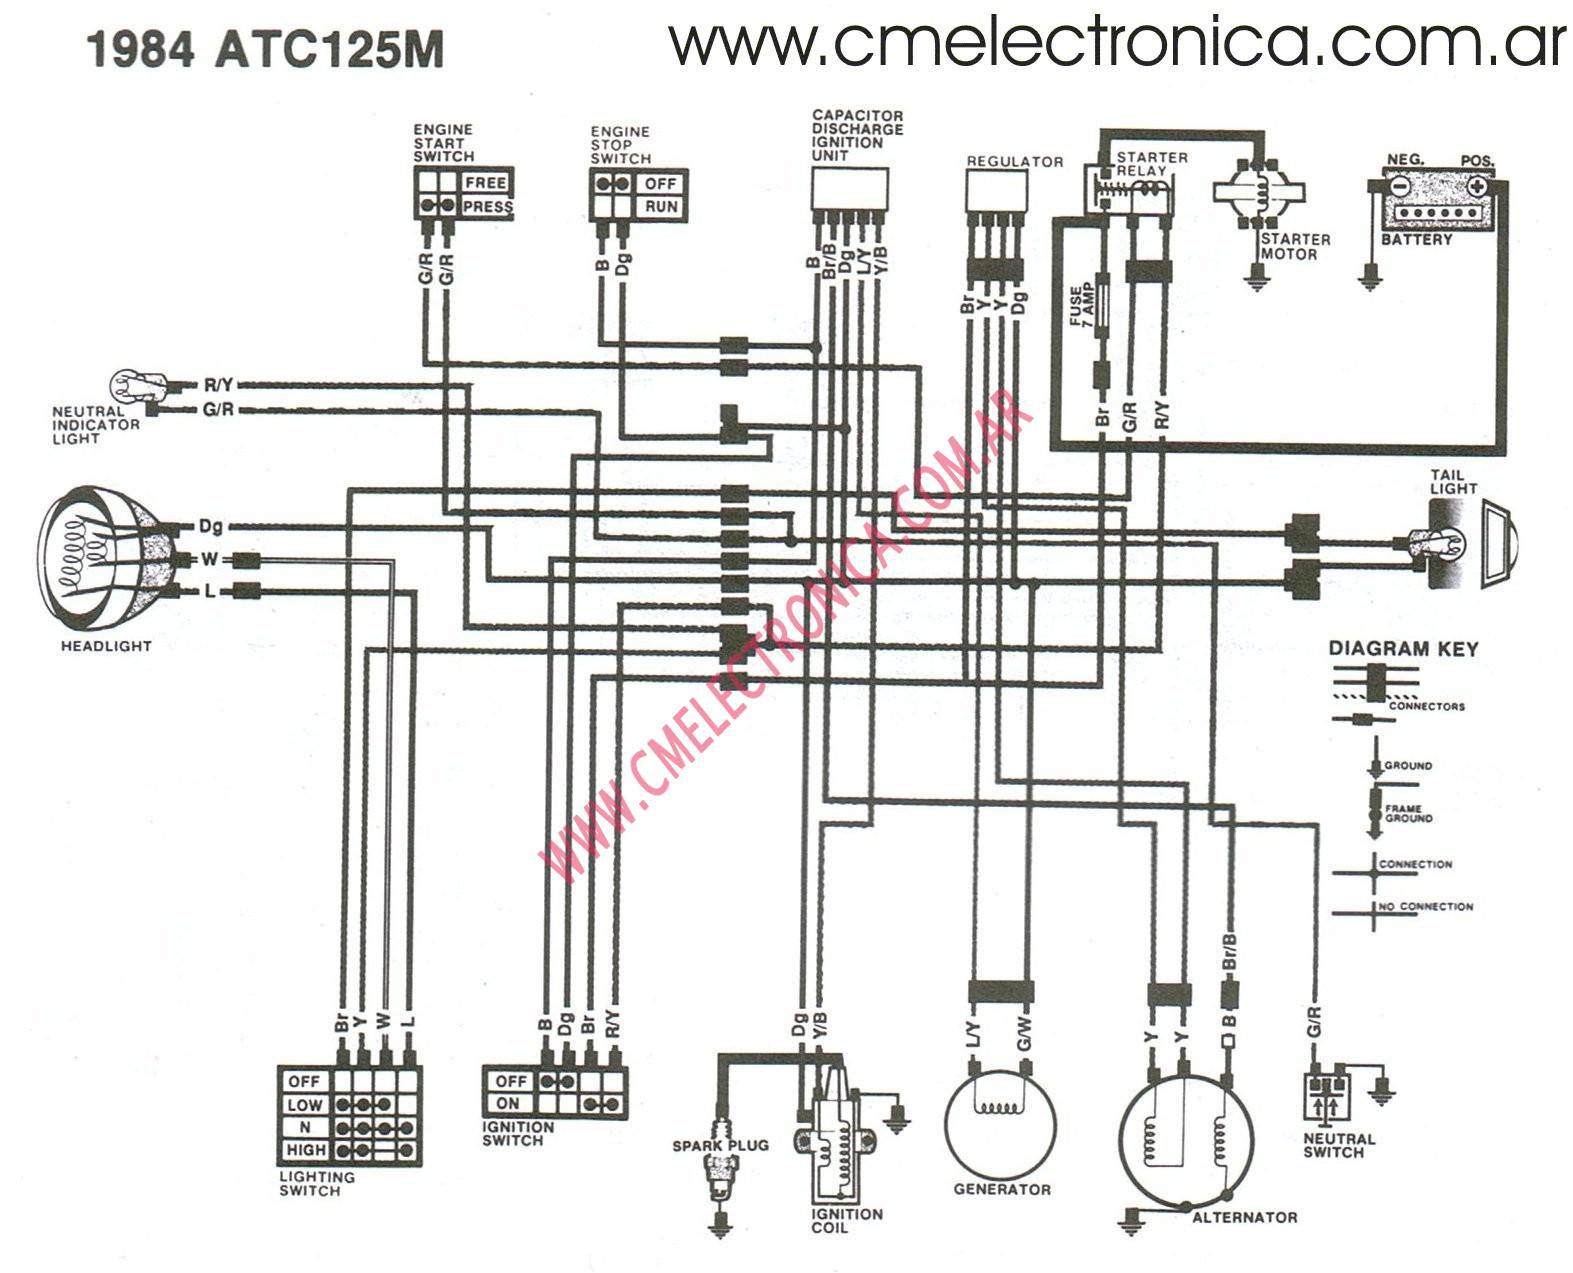 i1.wp.com/www.cmelectronica.com.ar/wiring-diagram/...